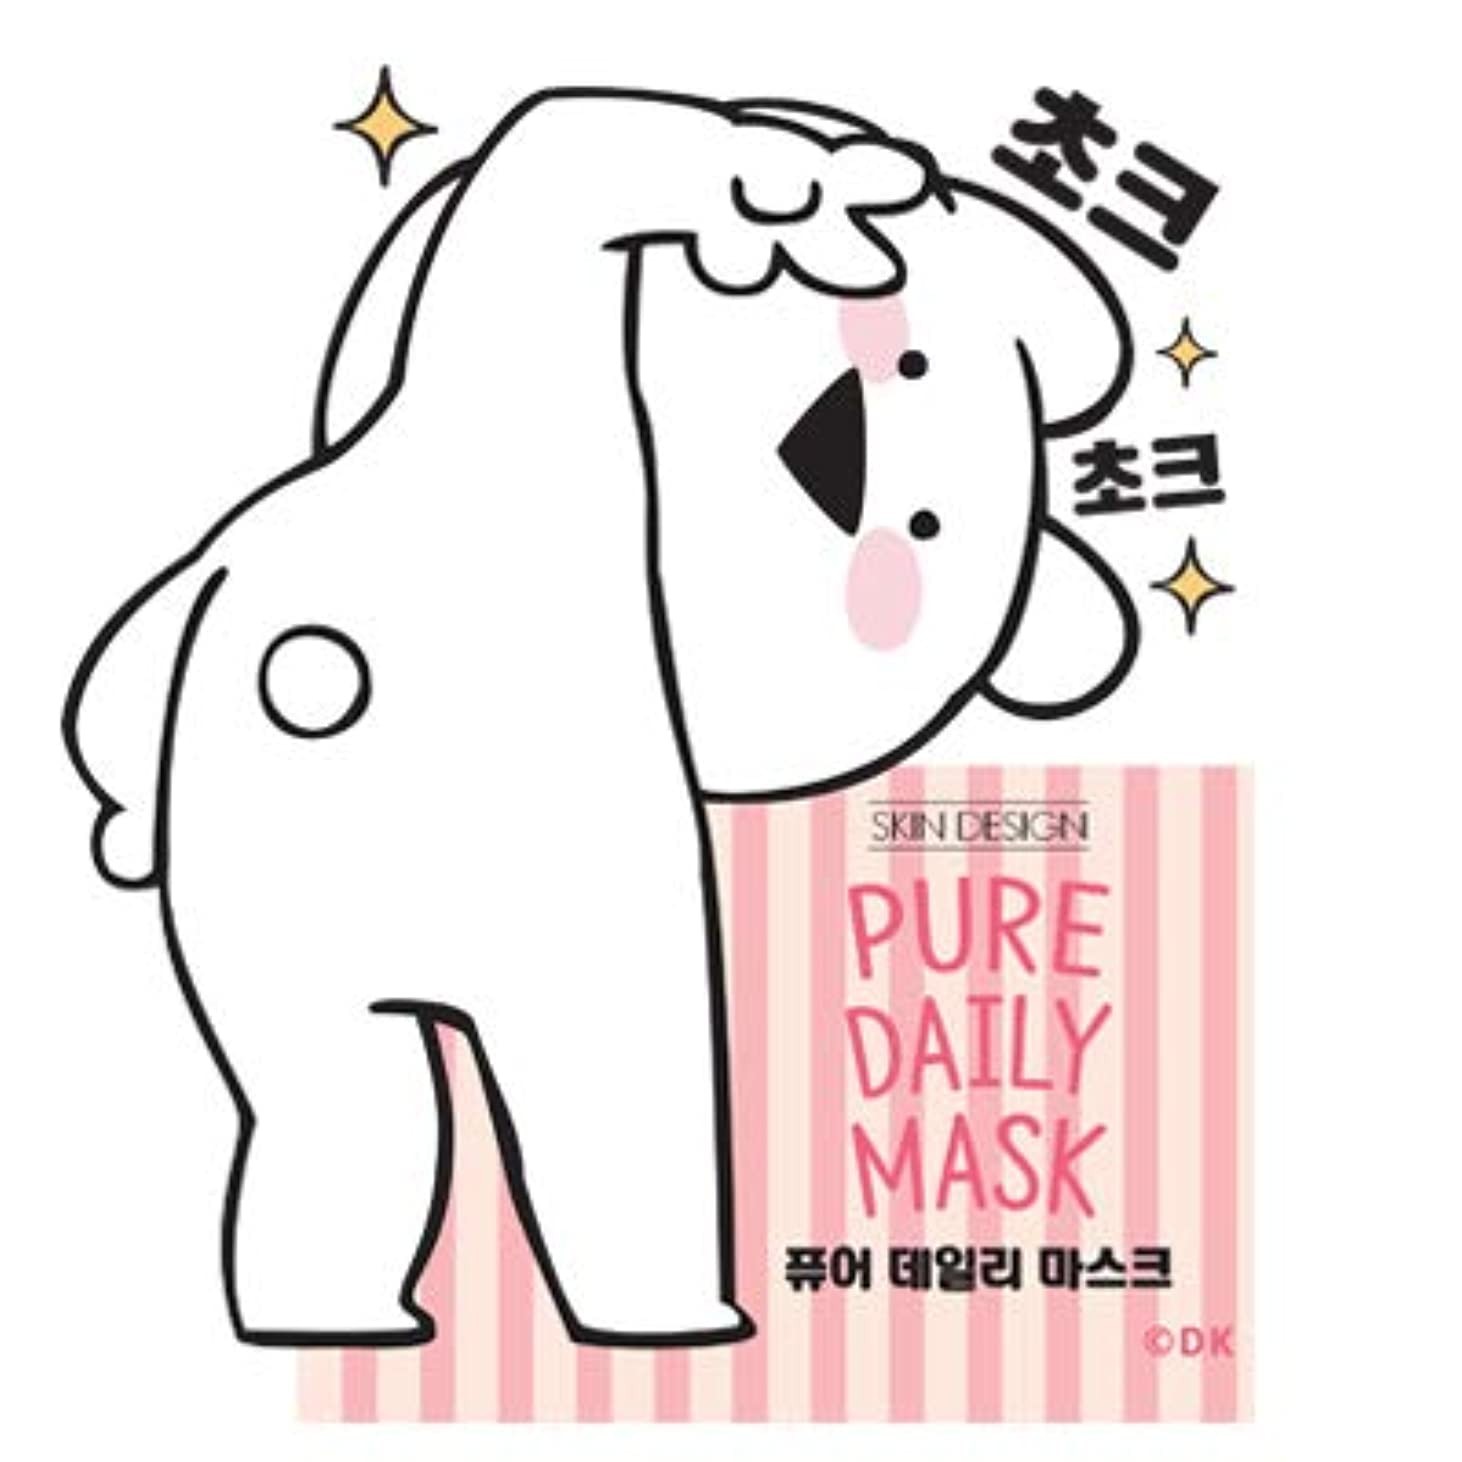 協力する最後に秘書SKIN DESIGN スキンデザイン ピュアデイリーマスクシート5枚セット PURE DAILY MASK 韓国コスメ/マスクシート/すこぶる動くウサギ (B-01)